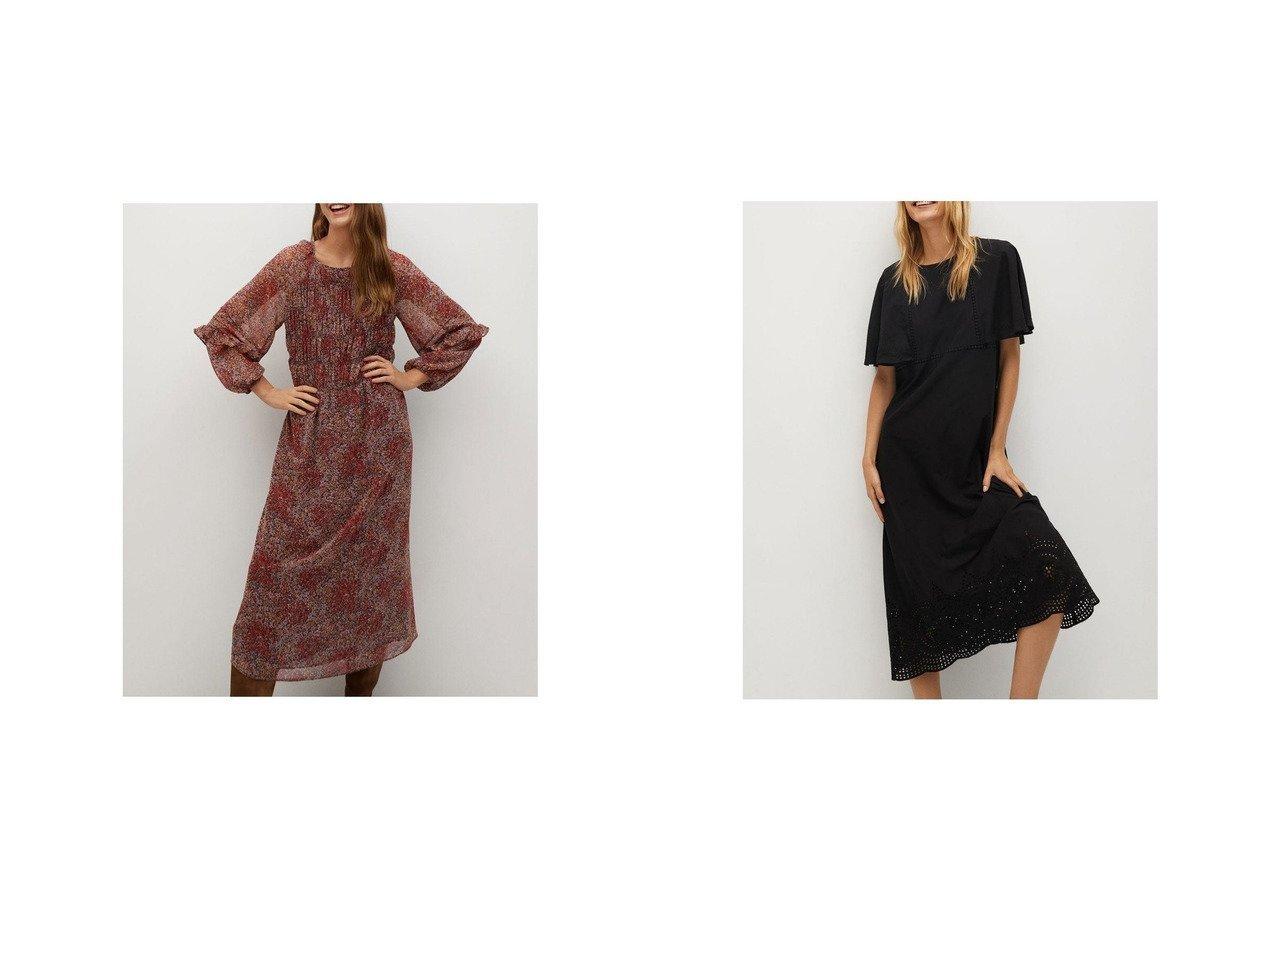 【MANGO/マンゴ】のロングワンピース .-- NURIA&ロングワンピース .-- JAKE-A MANGOのおすすめ!人気、トレンド・レディースファッションの通販  おすすめで人気の流行・トレンド、ファッションの通販商品 メンズファッション・キッズファッション・インテリア・家具・レディースファッション・服の通販 founy(ファニー) https://founy.com/ ファッション Fashion レディースファッション WOMEN ワンピース Dress 2021年 2021 2021 春夏 S/S SS Spring/Summer 2021 S/S 春夏 SS Spring/Summer エアリー フレア ラウンド ロング 春 Spring ストレート 半袖 透かし |ID:crp329100000017702